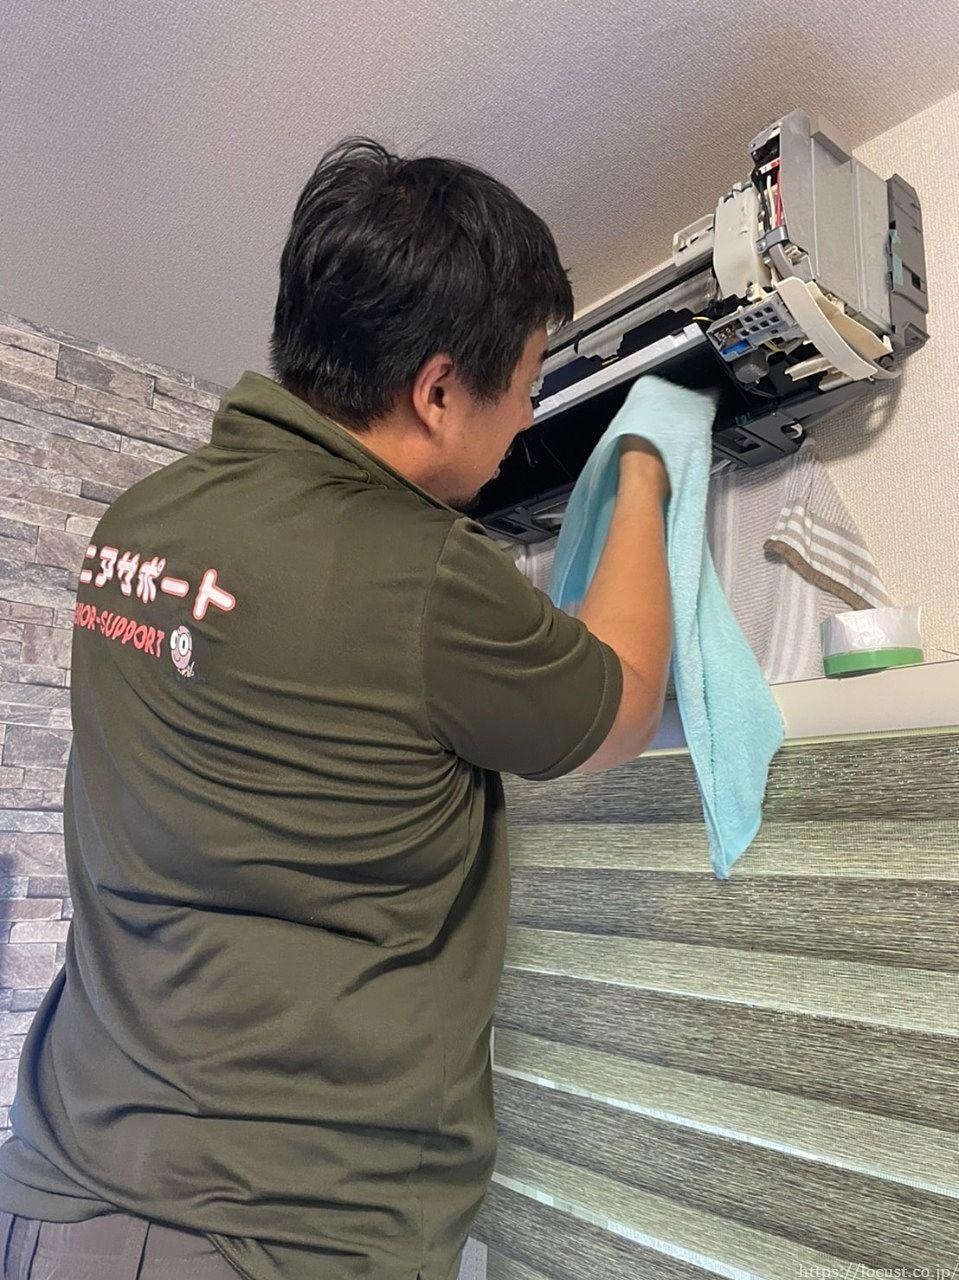 お掃除機能付きエアコンは分解クリーニングが割高になることをご理解ください。